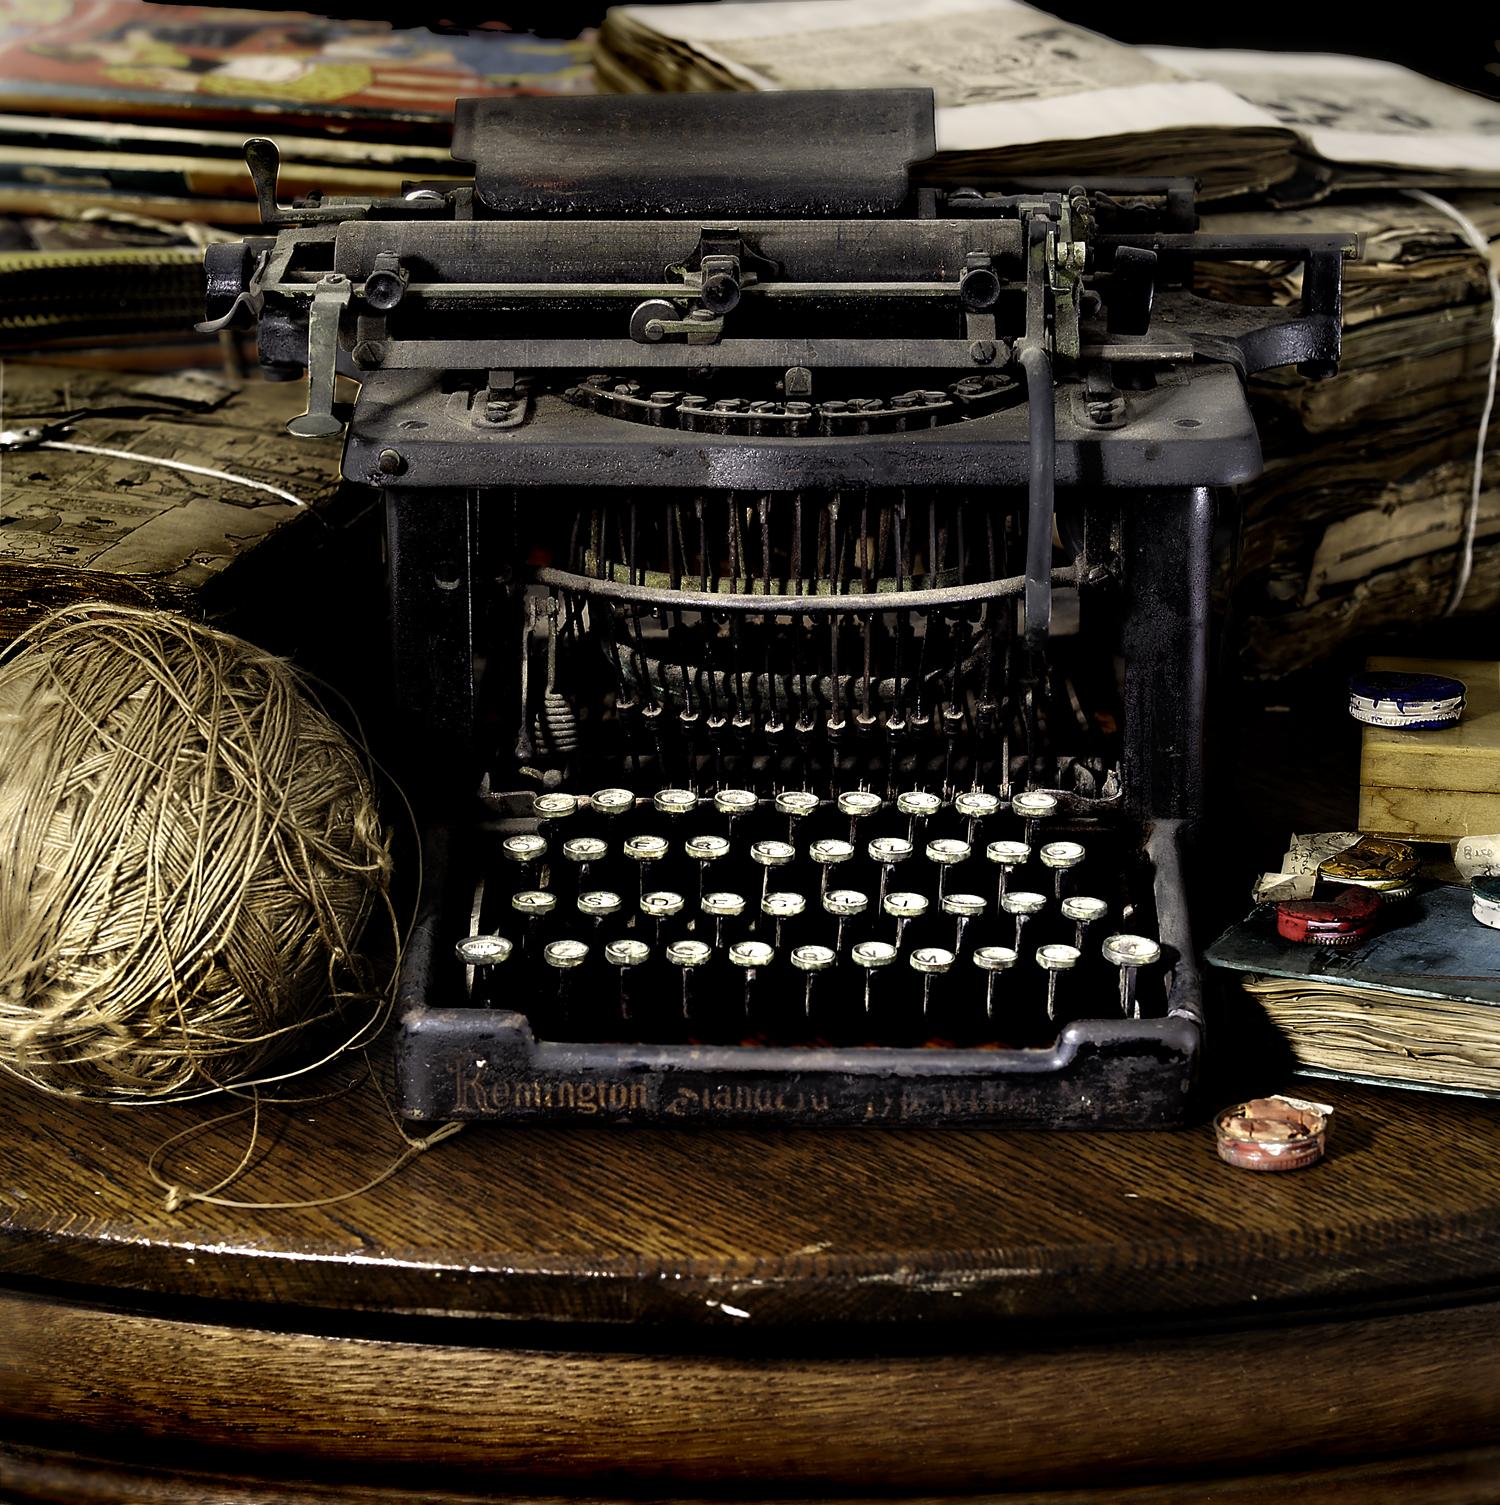 Darger's typewritter